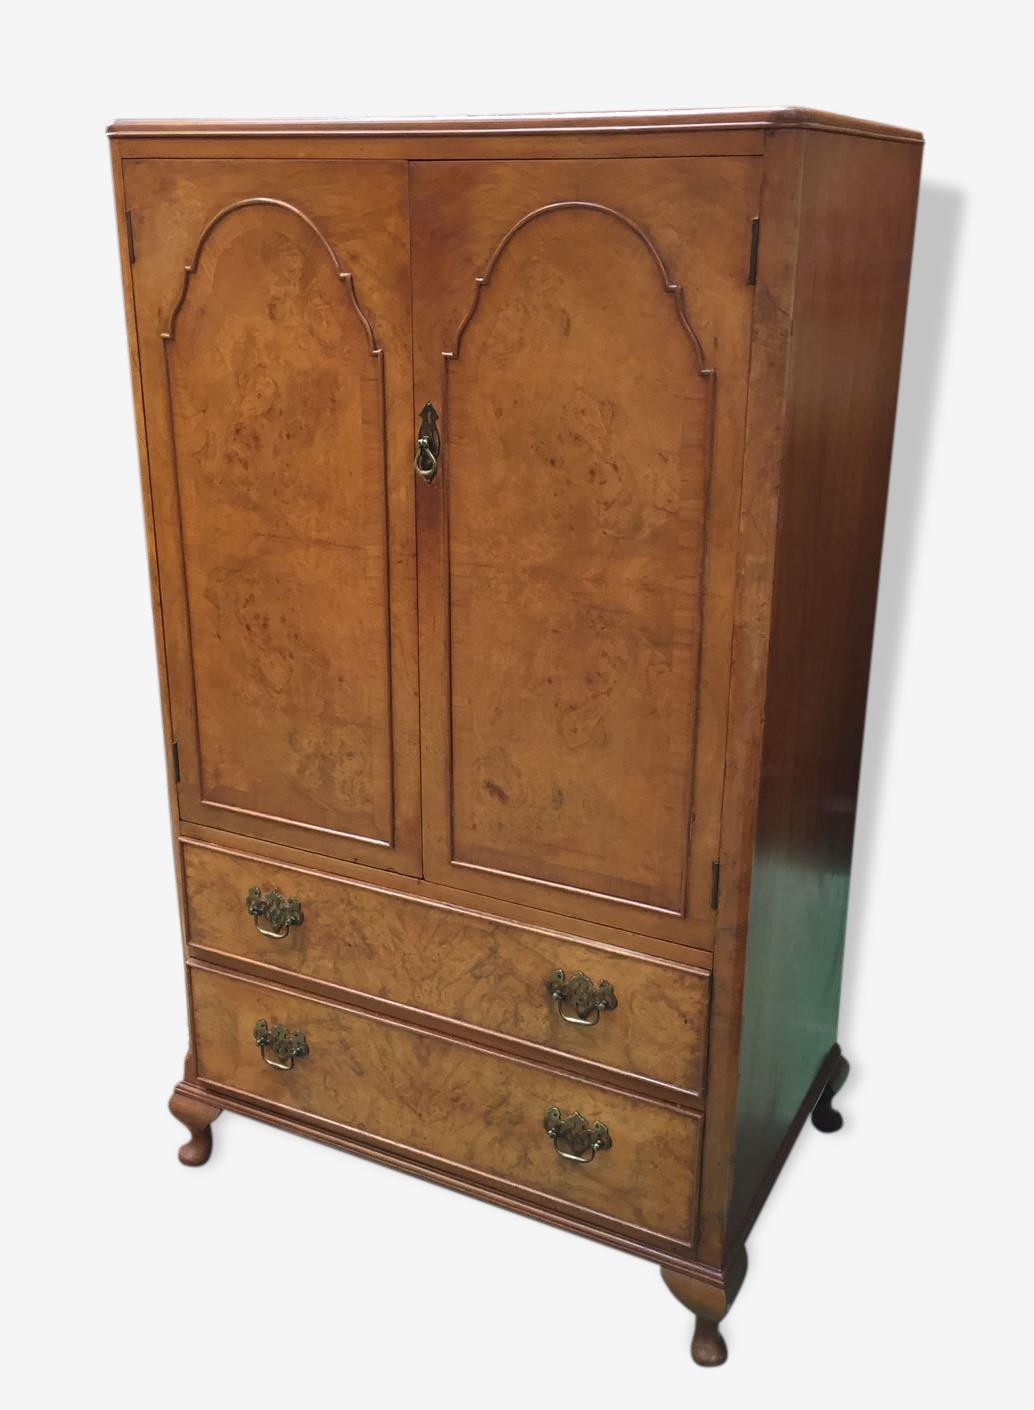 Meuble anglais années 30 bois Matériau bois Couleur